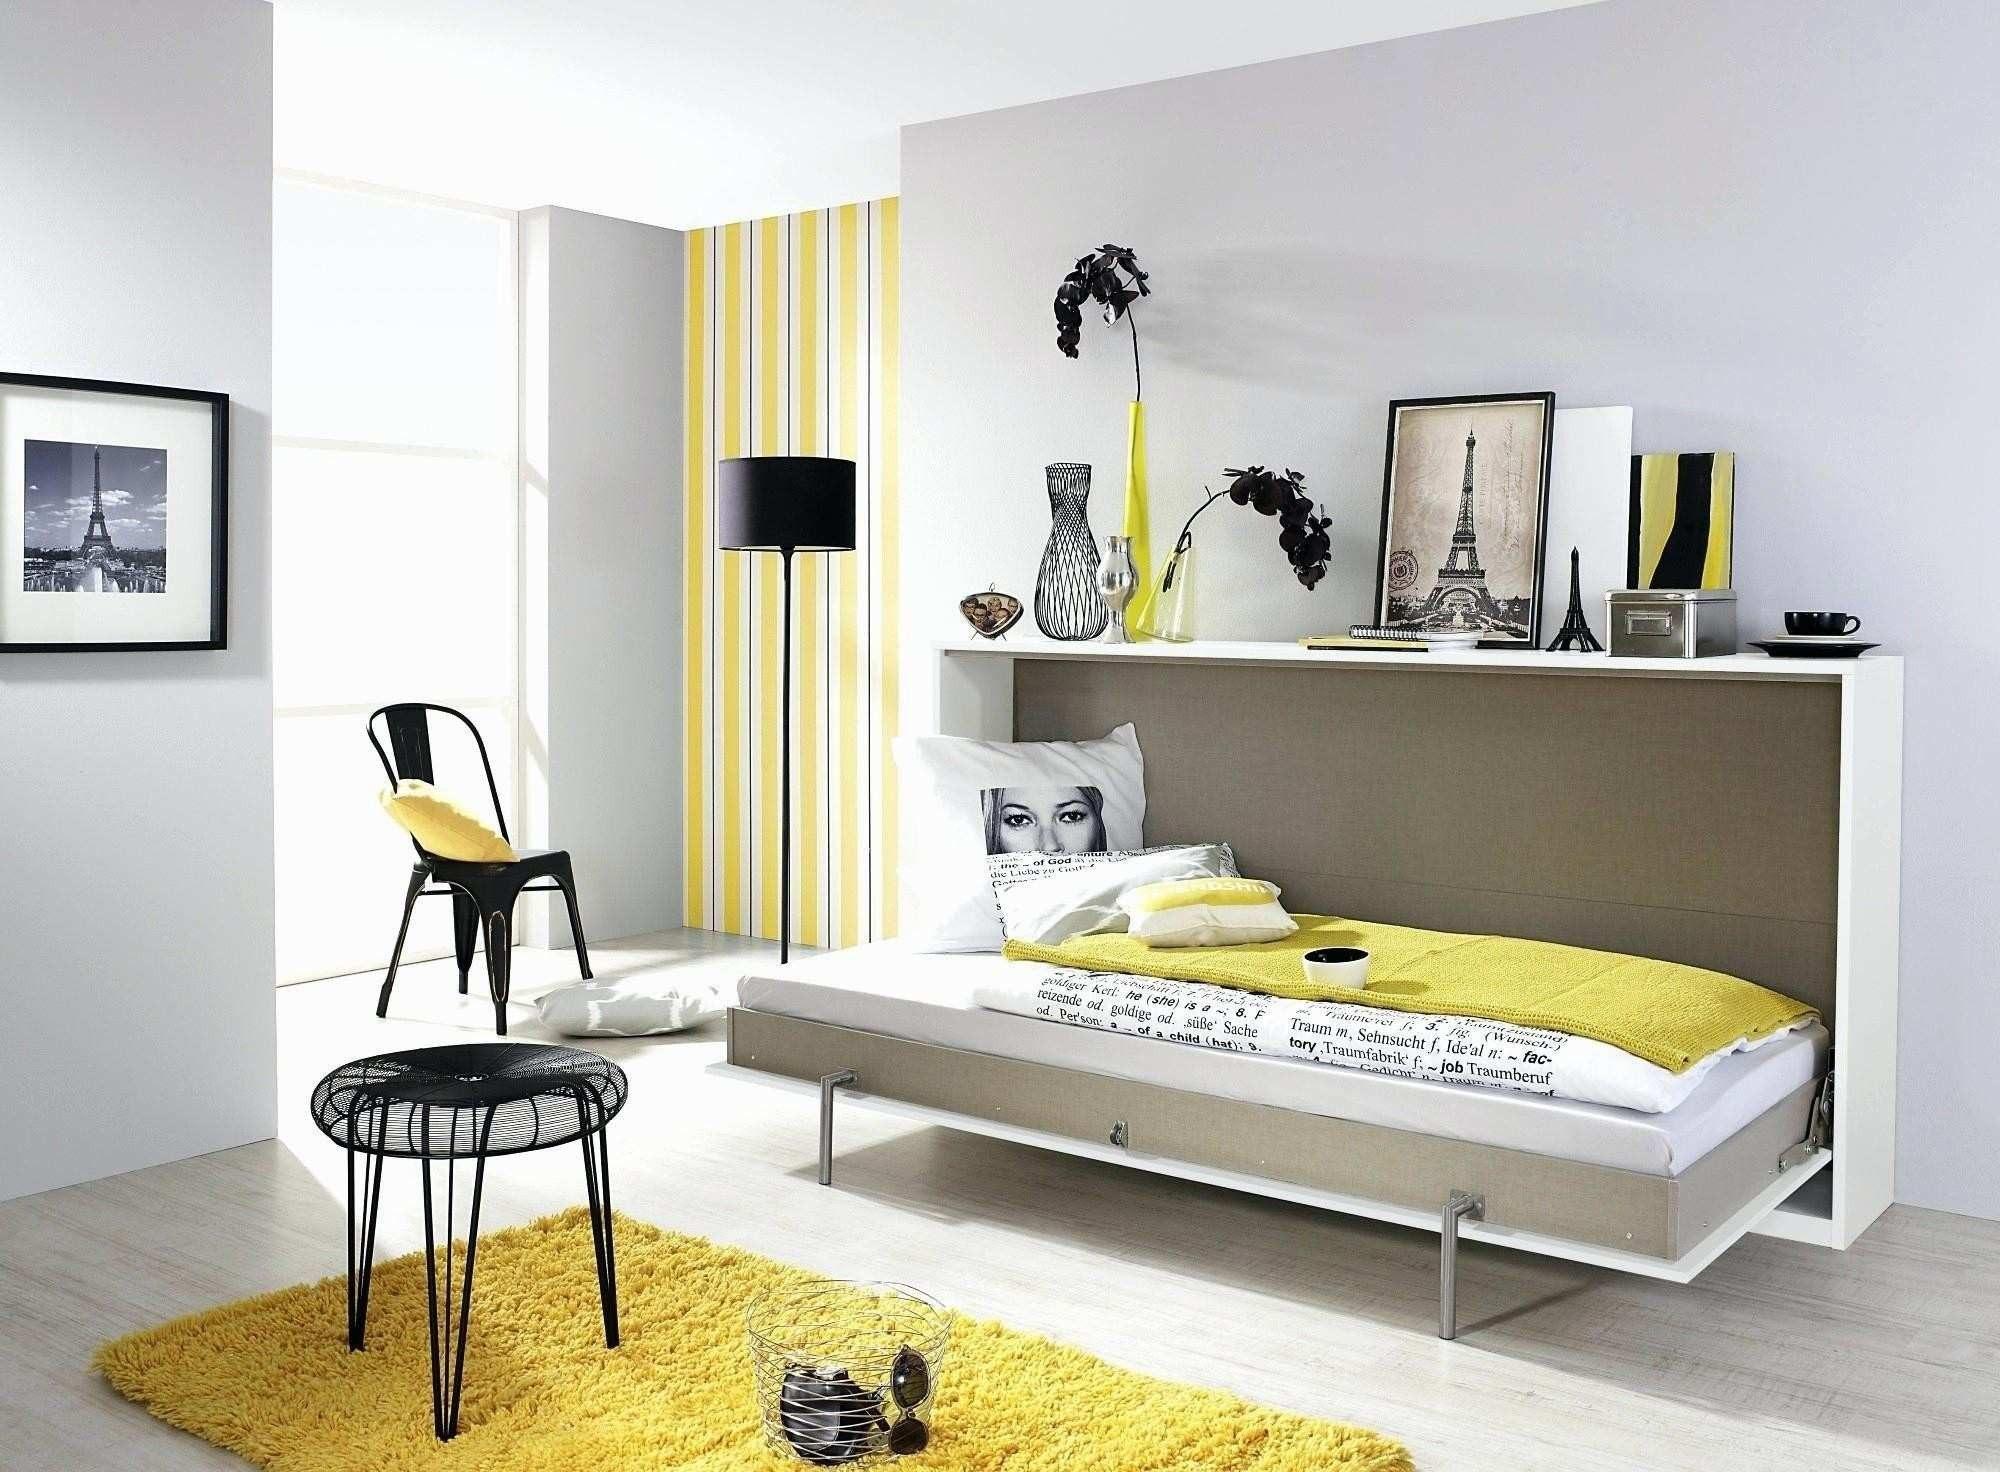 Lit Mezzanine Clic Clac Inspiré Rusé Canape Lit 1 Place Avec Lit Convertible 2 Places Ikea Canape 2